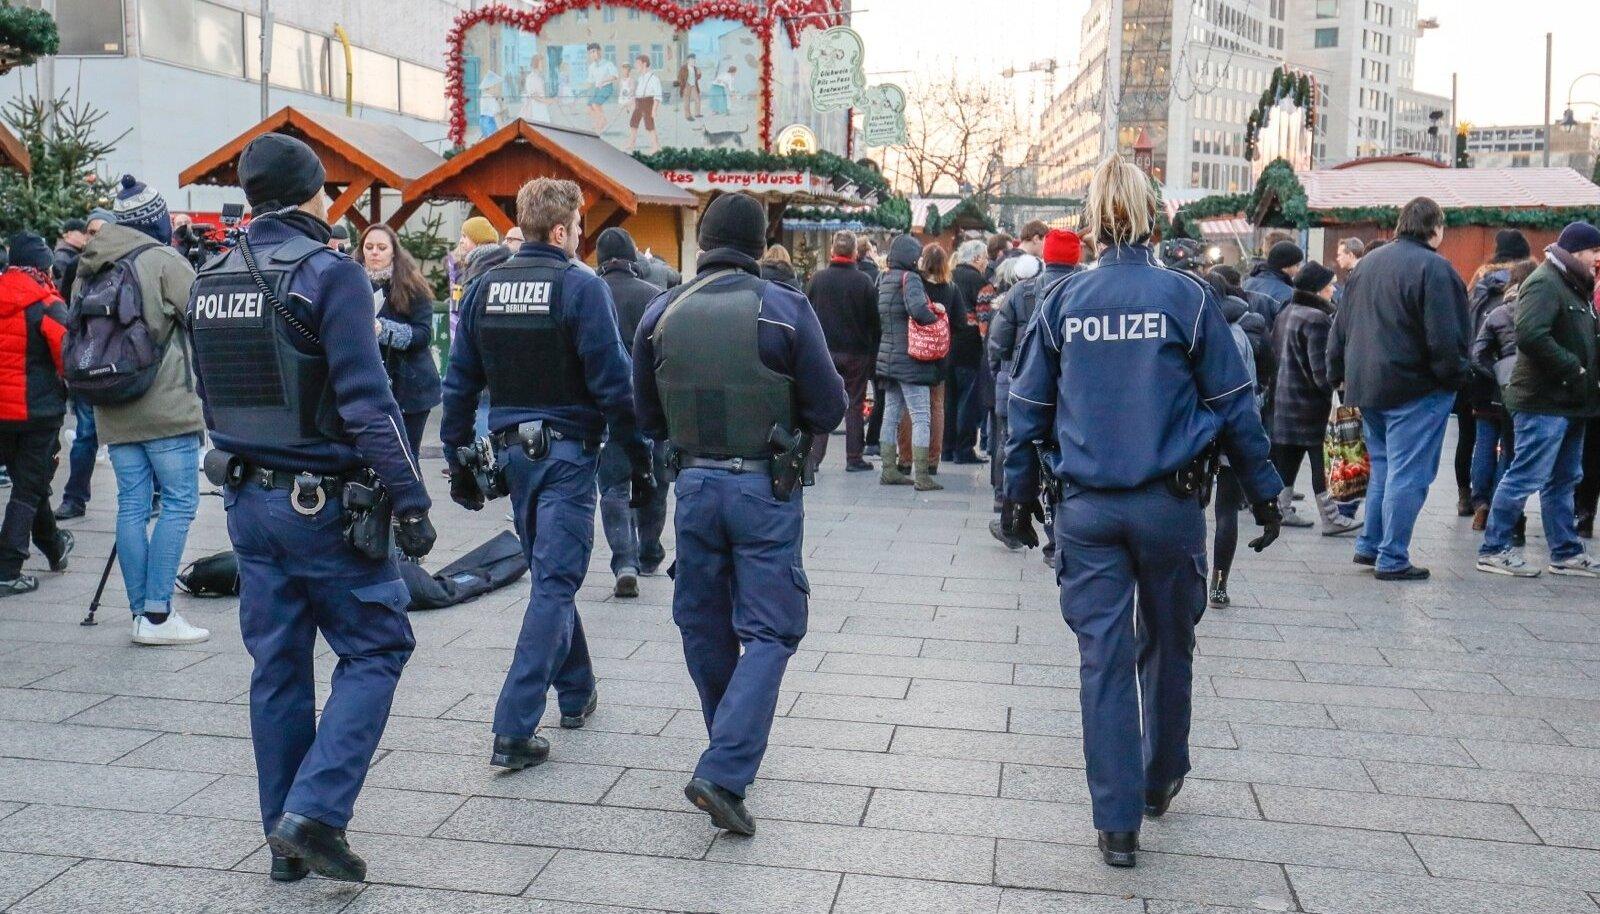 Pärast rünnakut pöörab politsei Berliini jõuluturgudele suurt tähelepanu. Patrullid on tavaliselt neljaliikmelised.